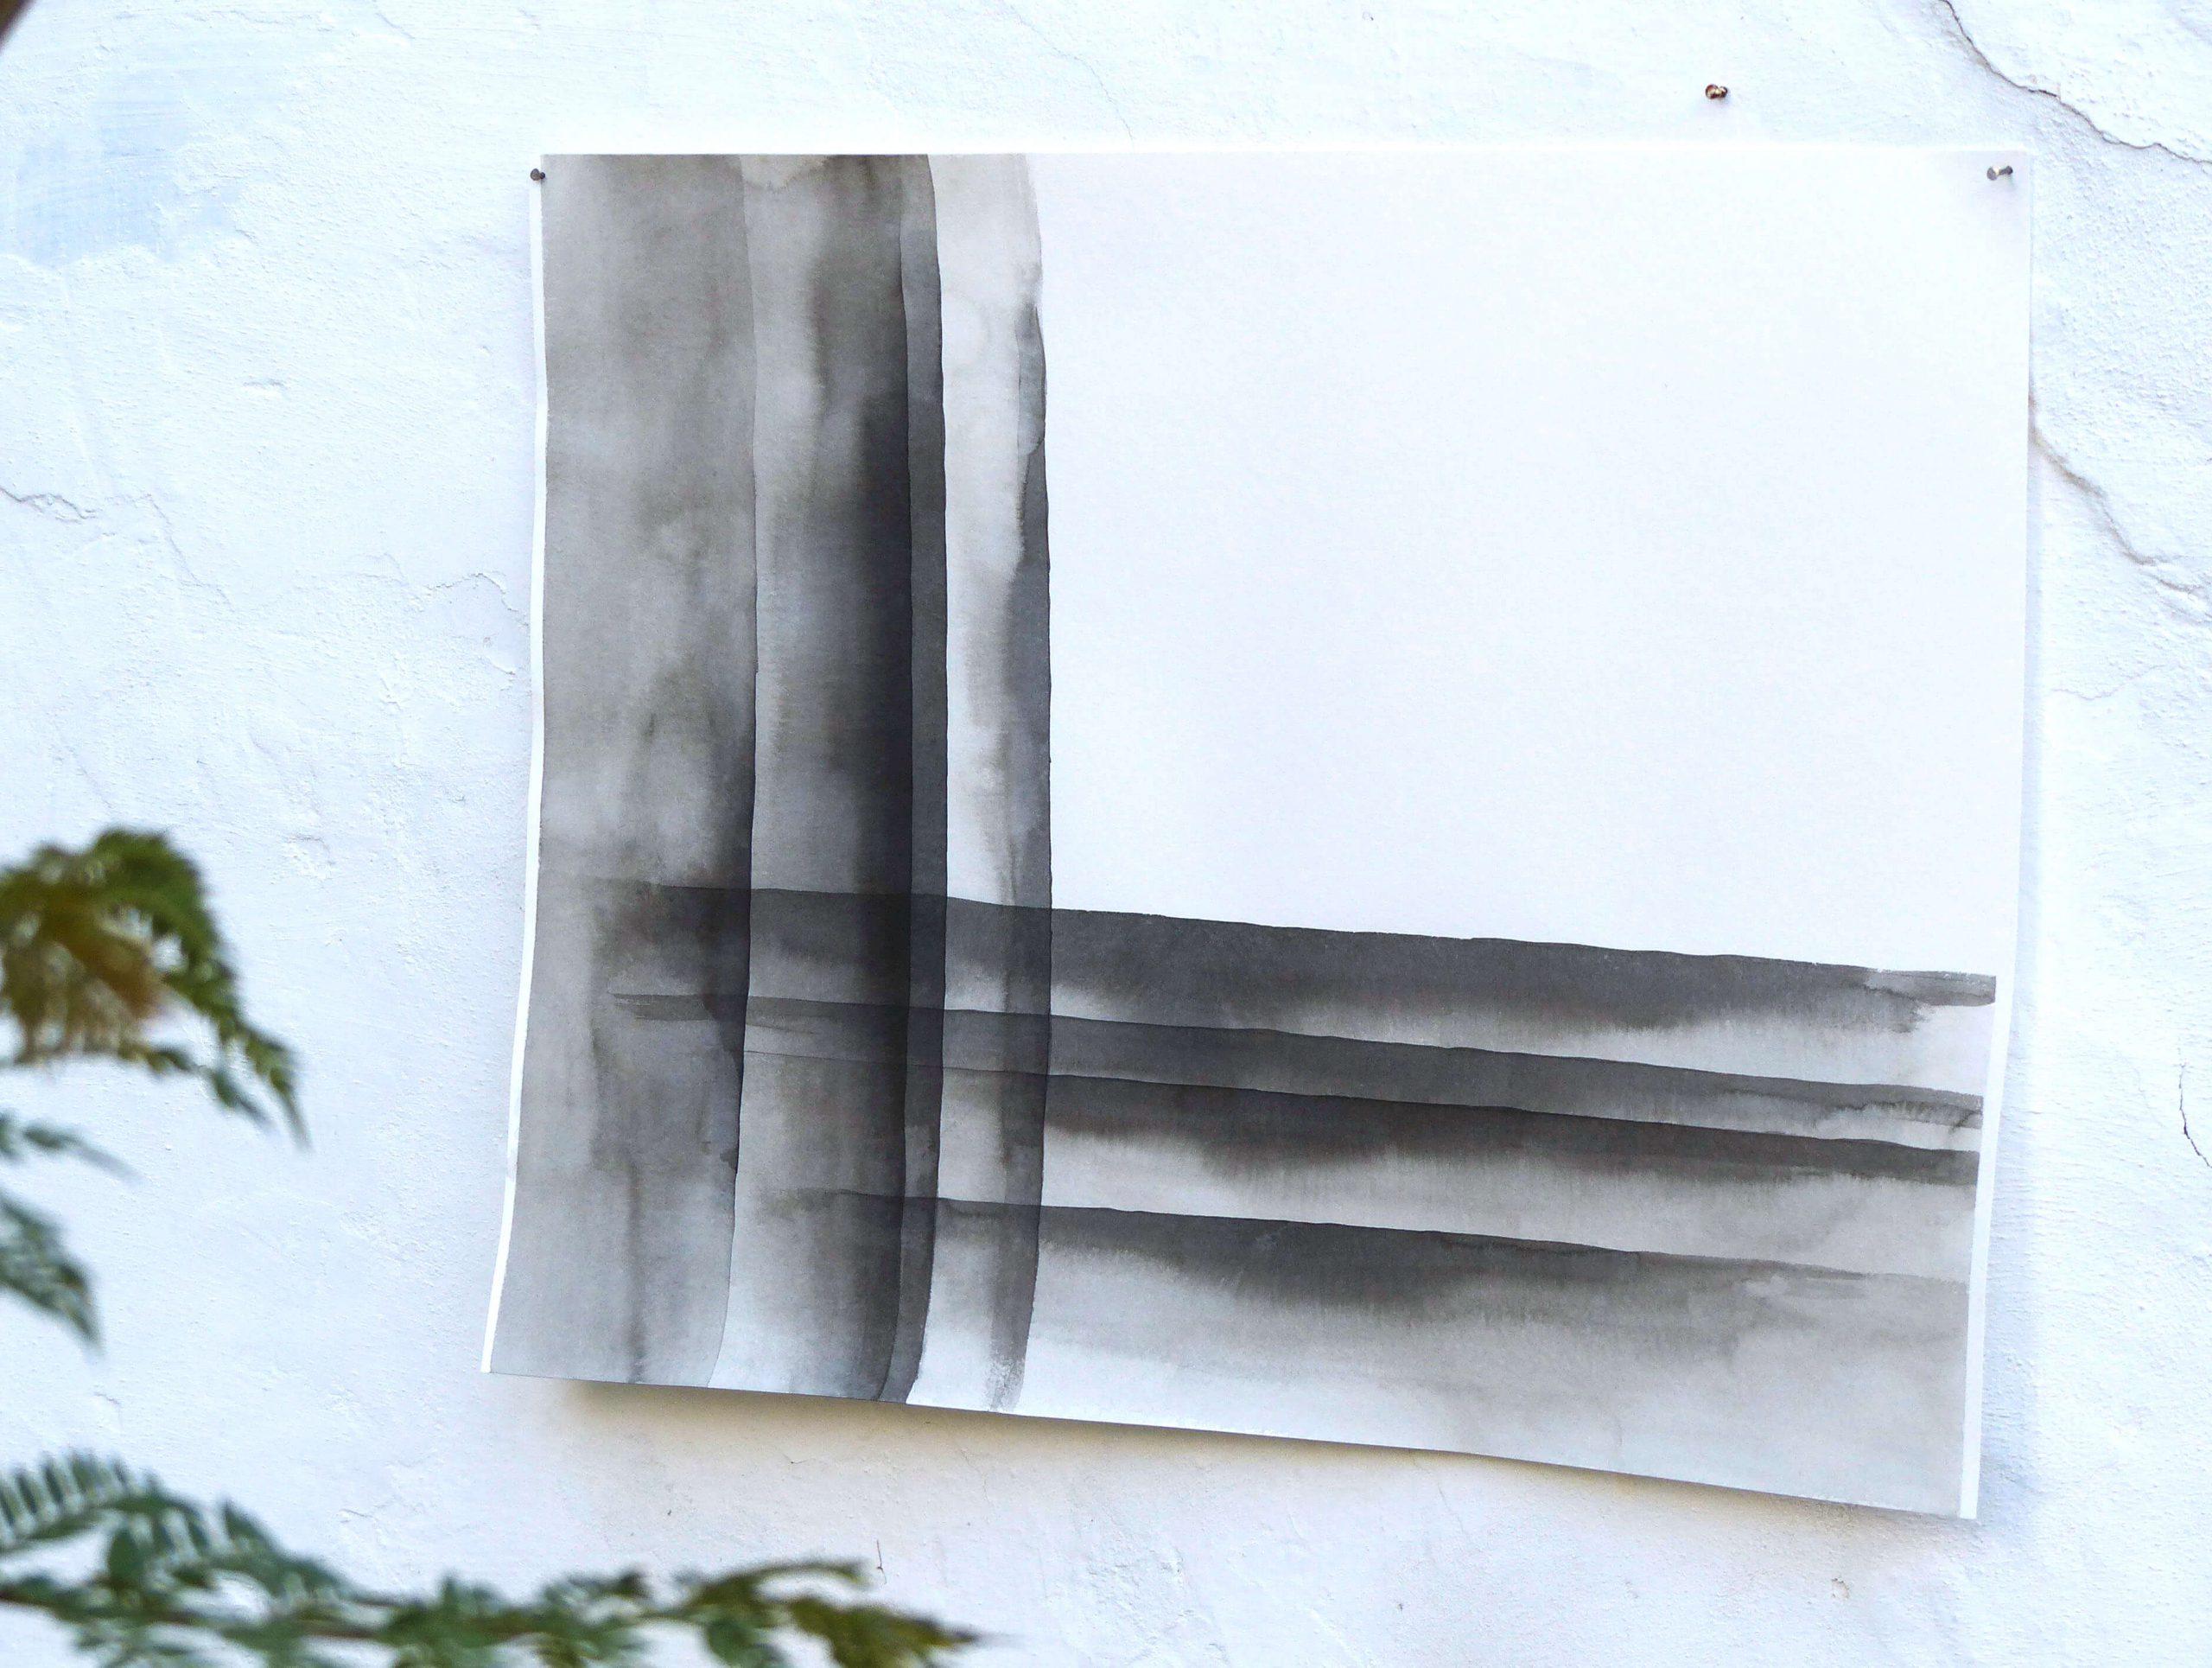 Artwork 2 at Obras, 2017